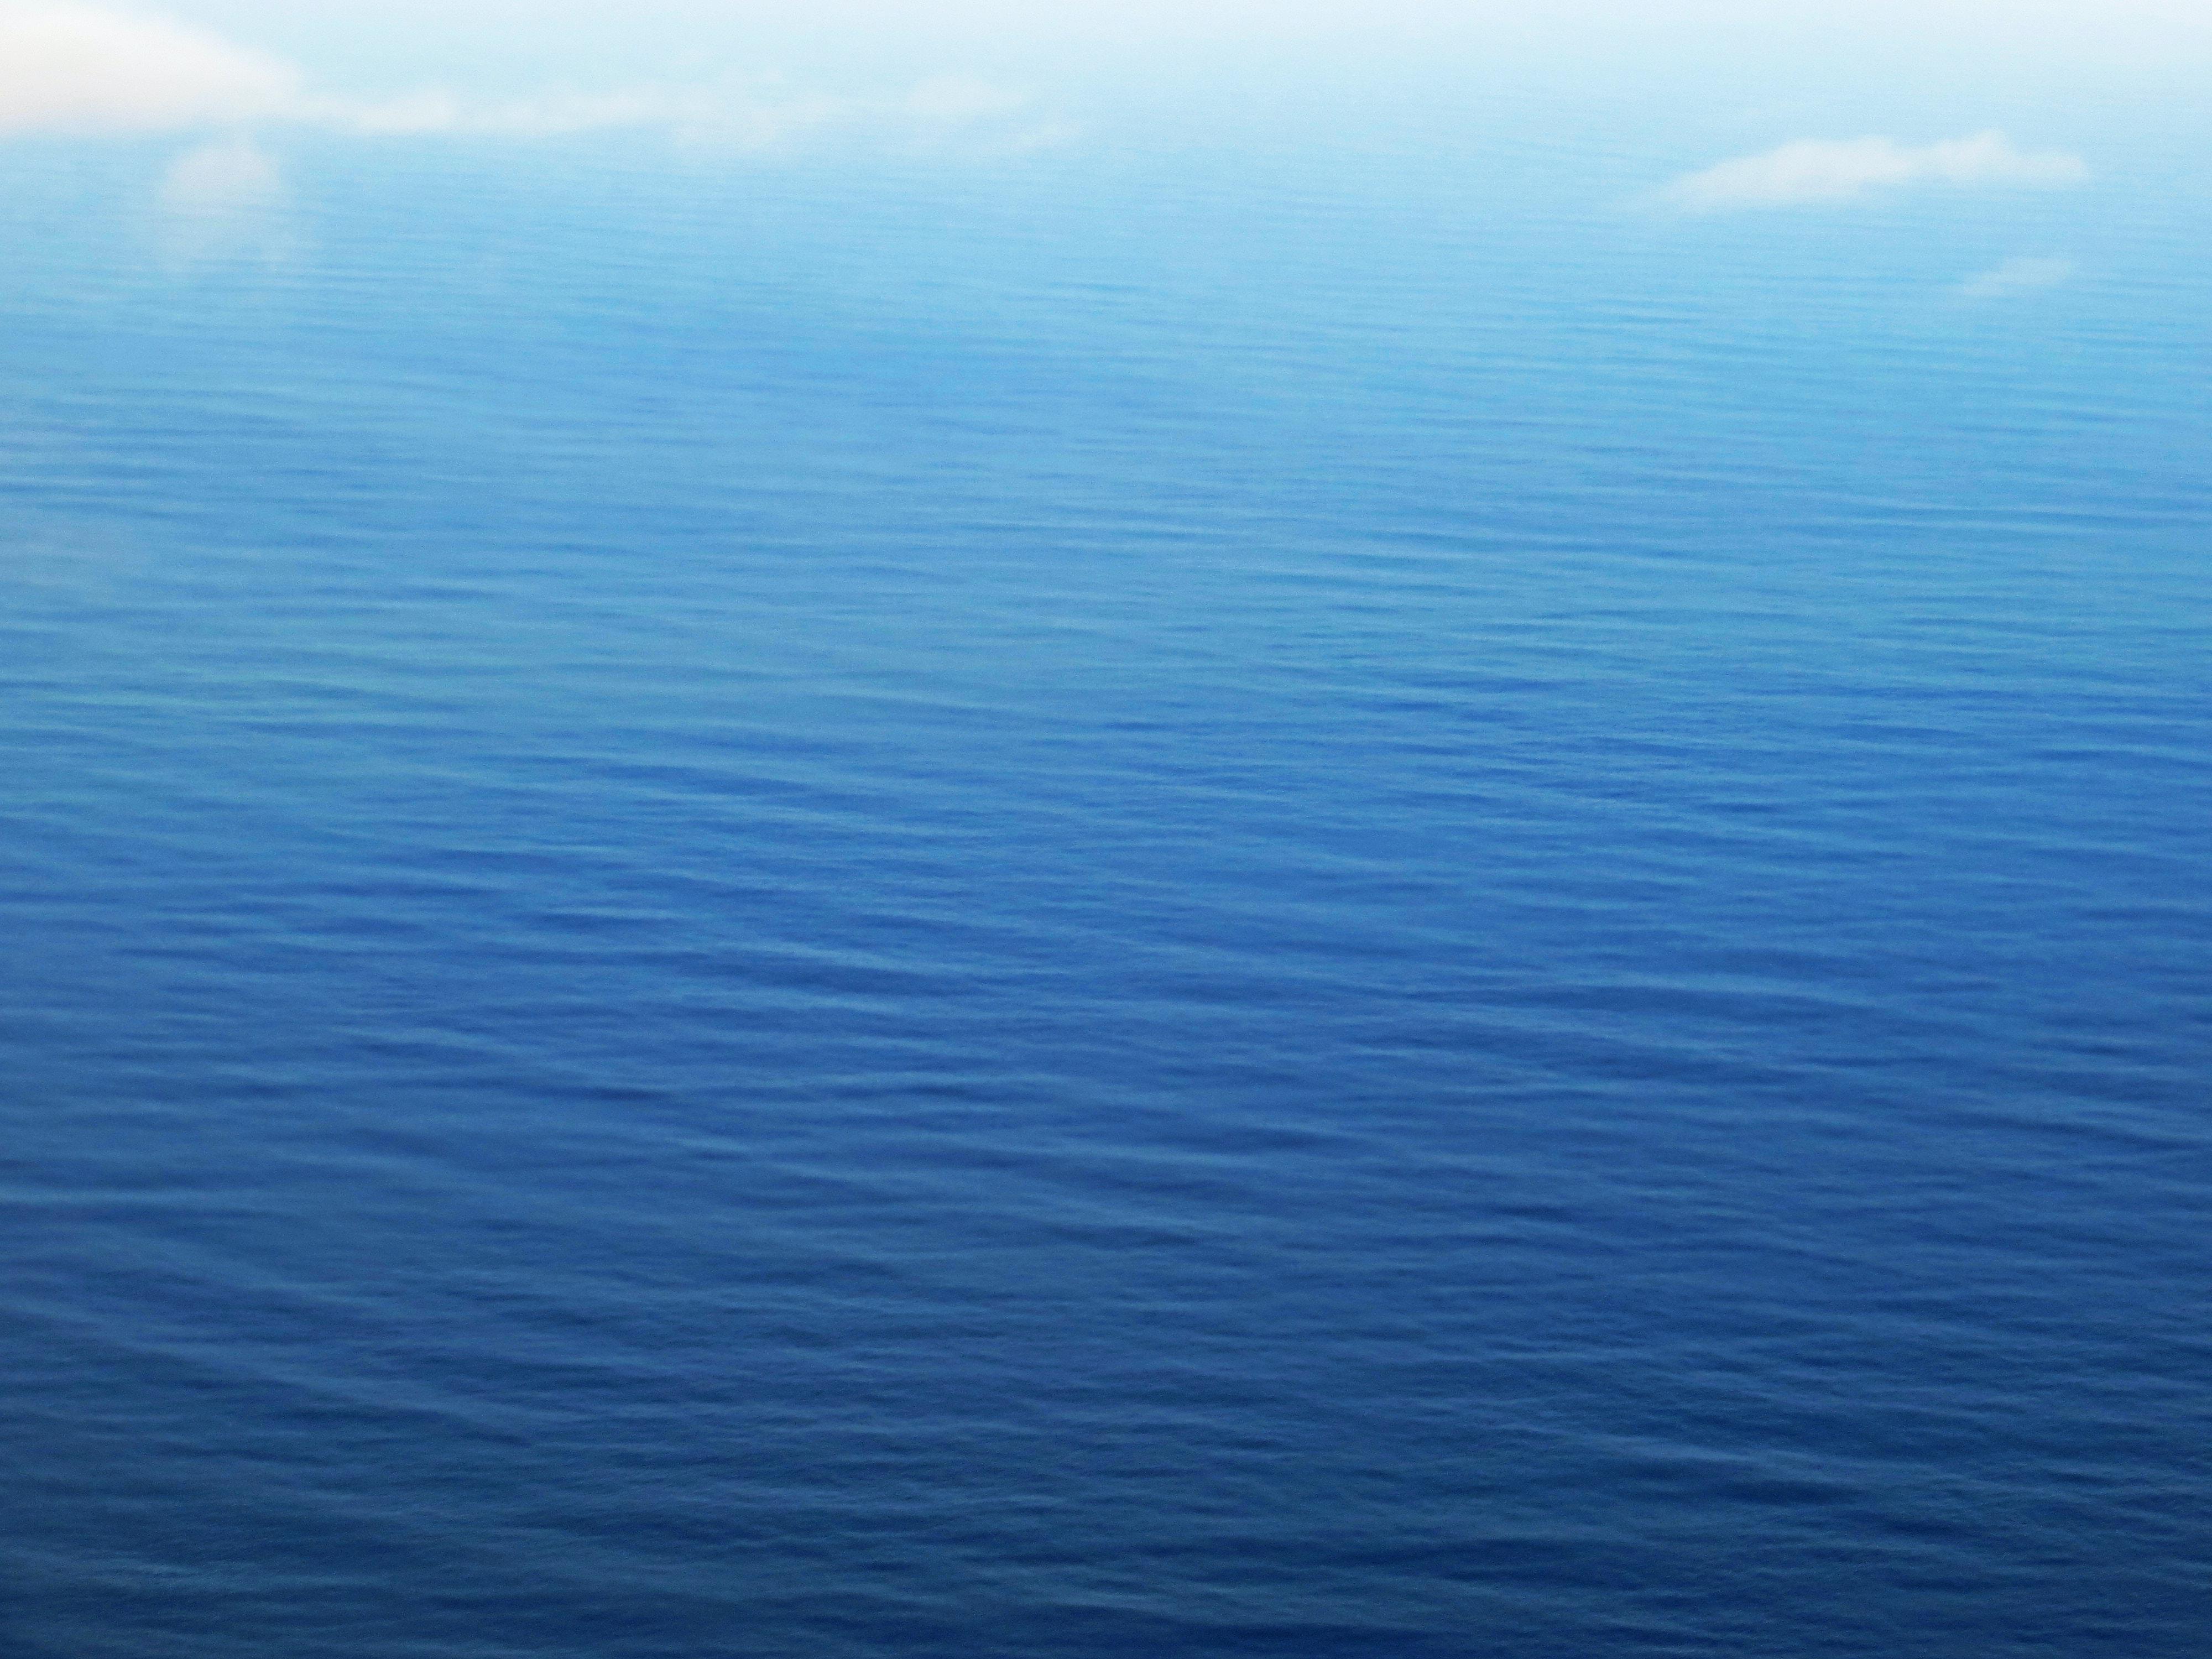 water surface  u00b7 free stock photo